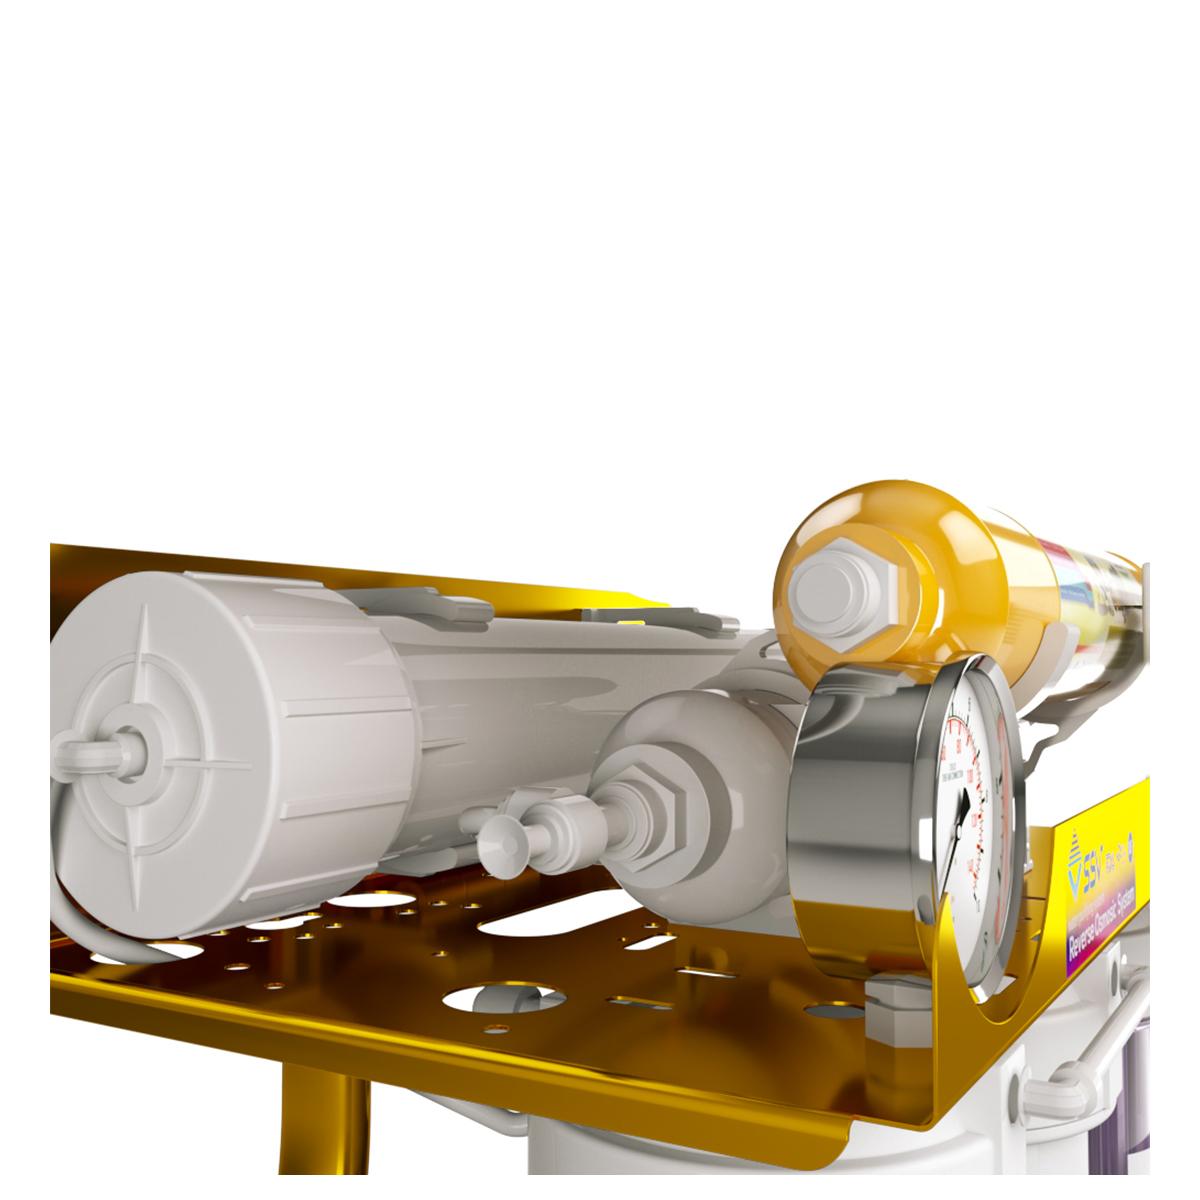 دستگاه تصفیه کننده آب اس اس وی مدل Maxgold X600 به همراه فیلتر مجموعه 3 عددی و شارژ یدک مجموعه 2 عددی